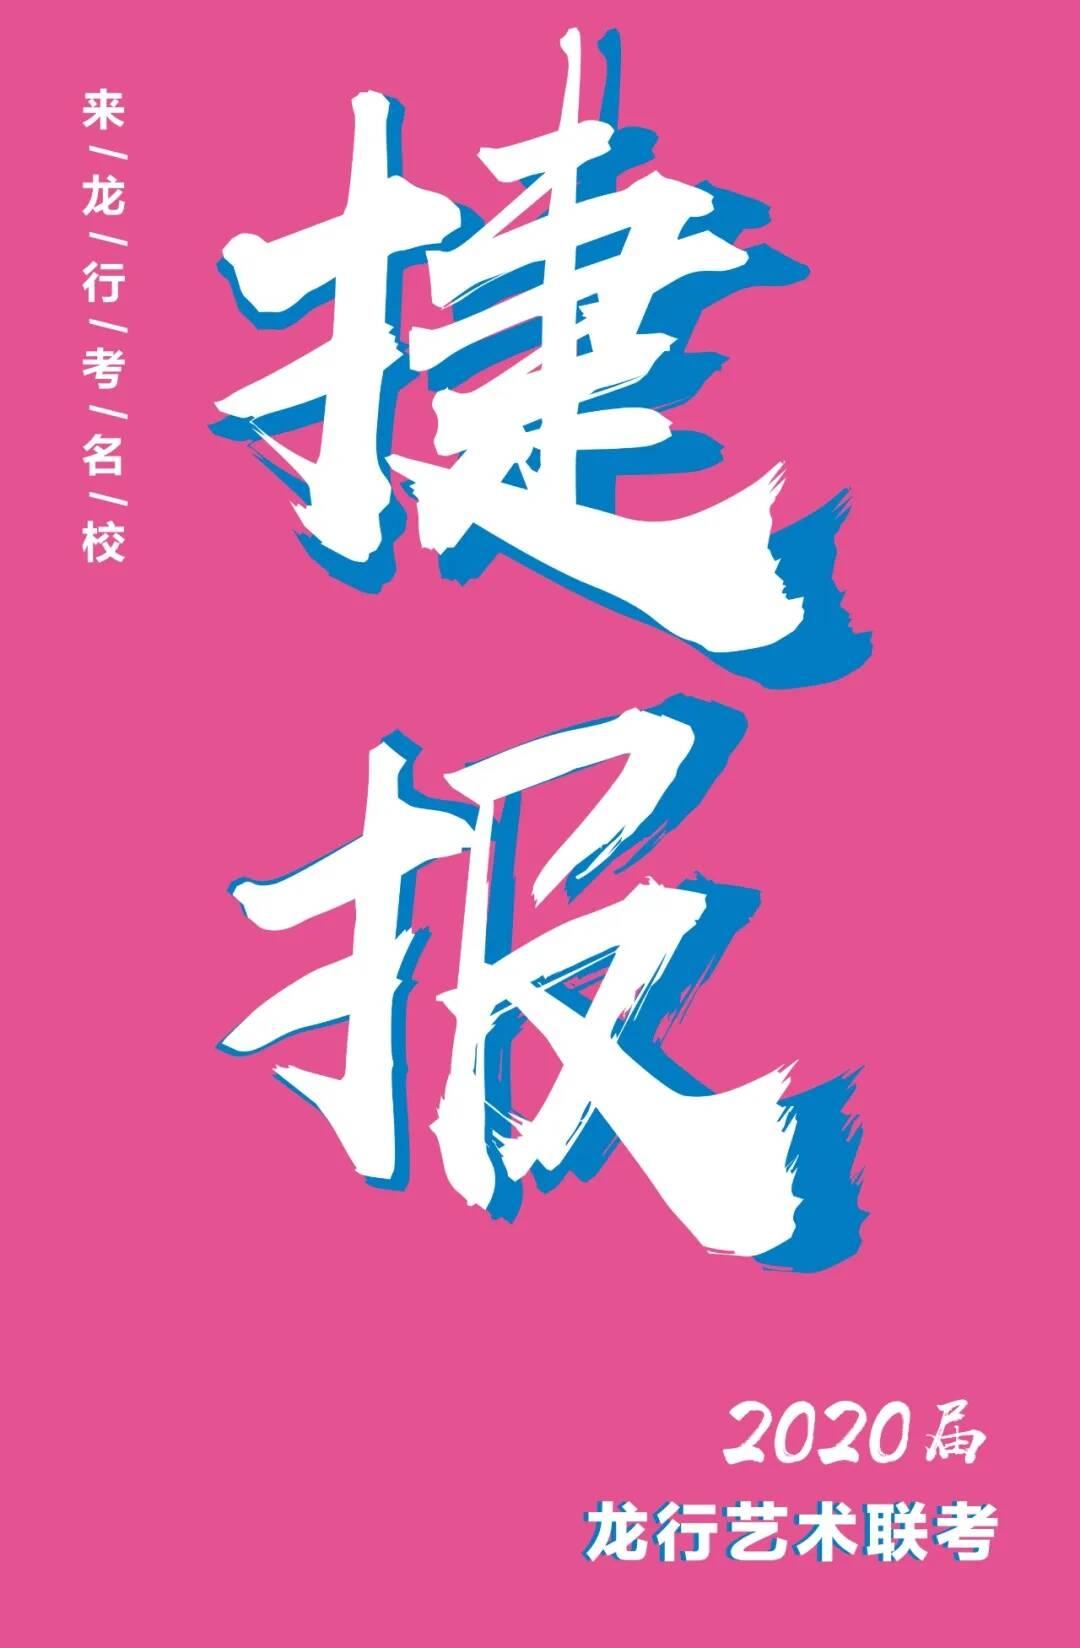 龙行2021届招生简章 ▏绘画改变命运,艺术成就人生